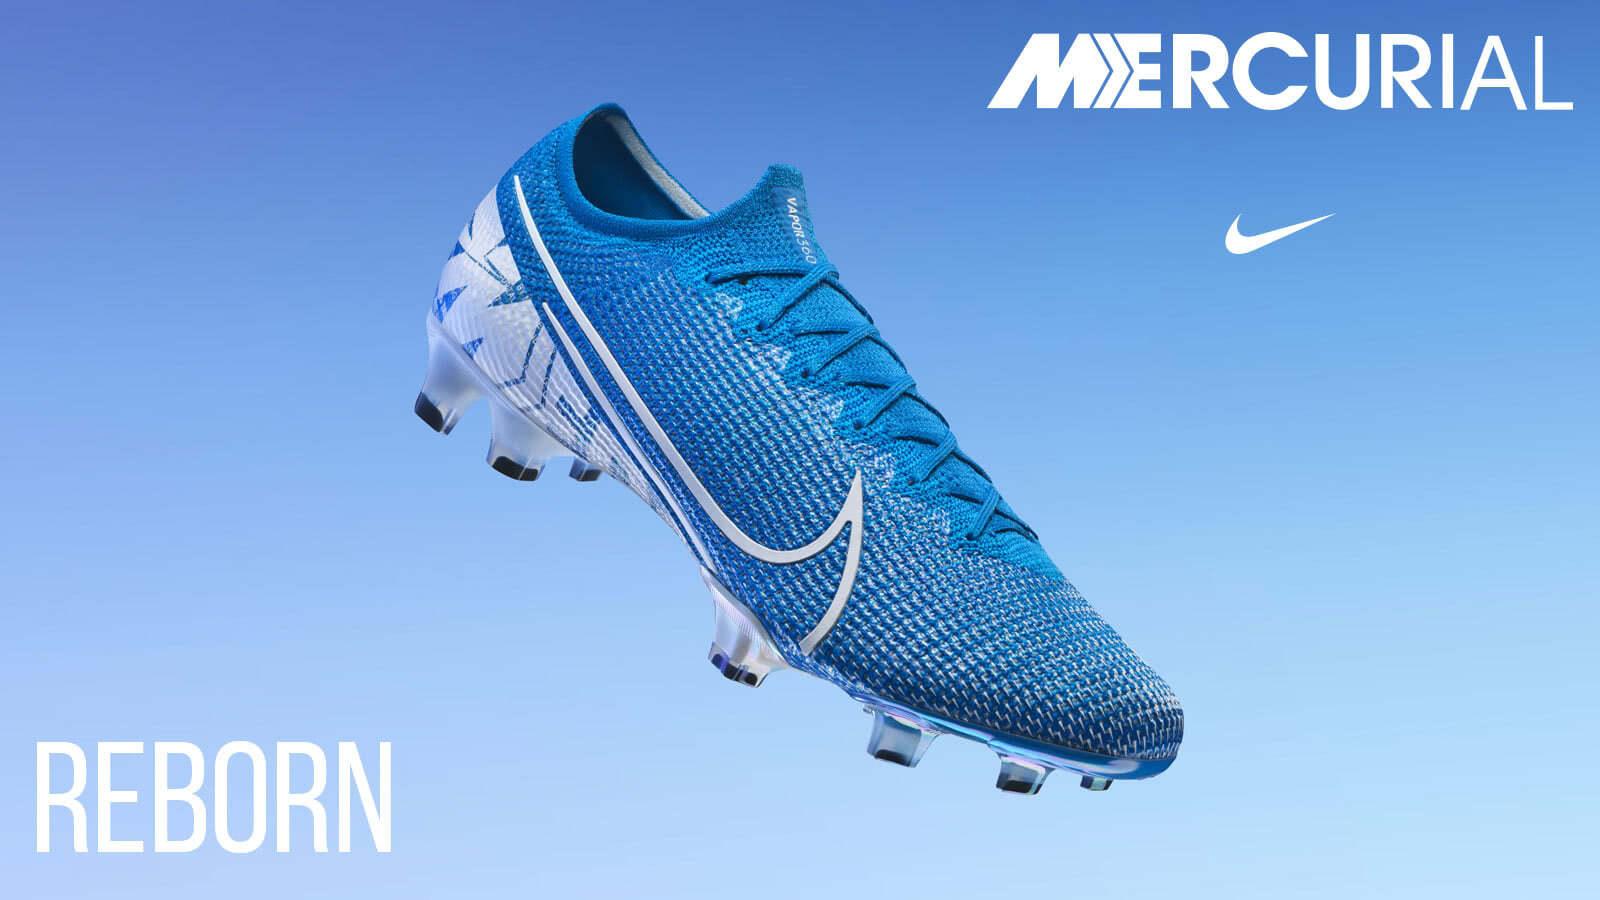 Die Nike Mercurial Vapor 13 und Superfly 7 Fußballschuhe